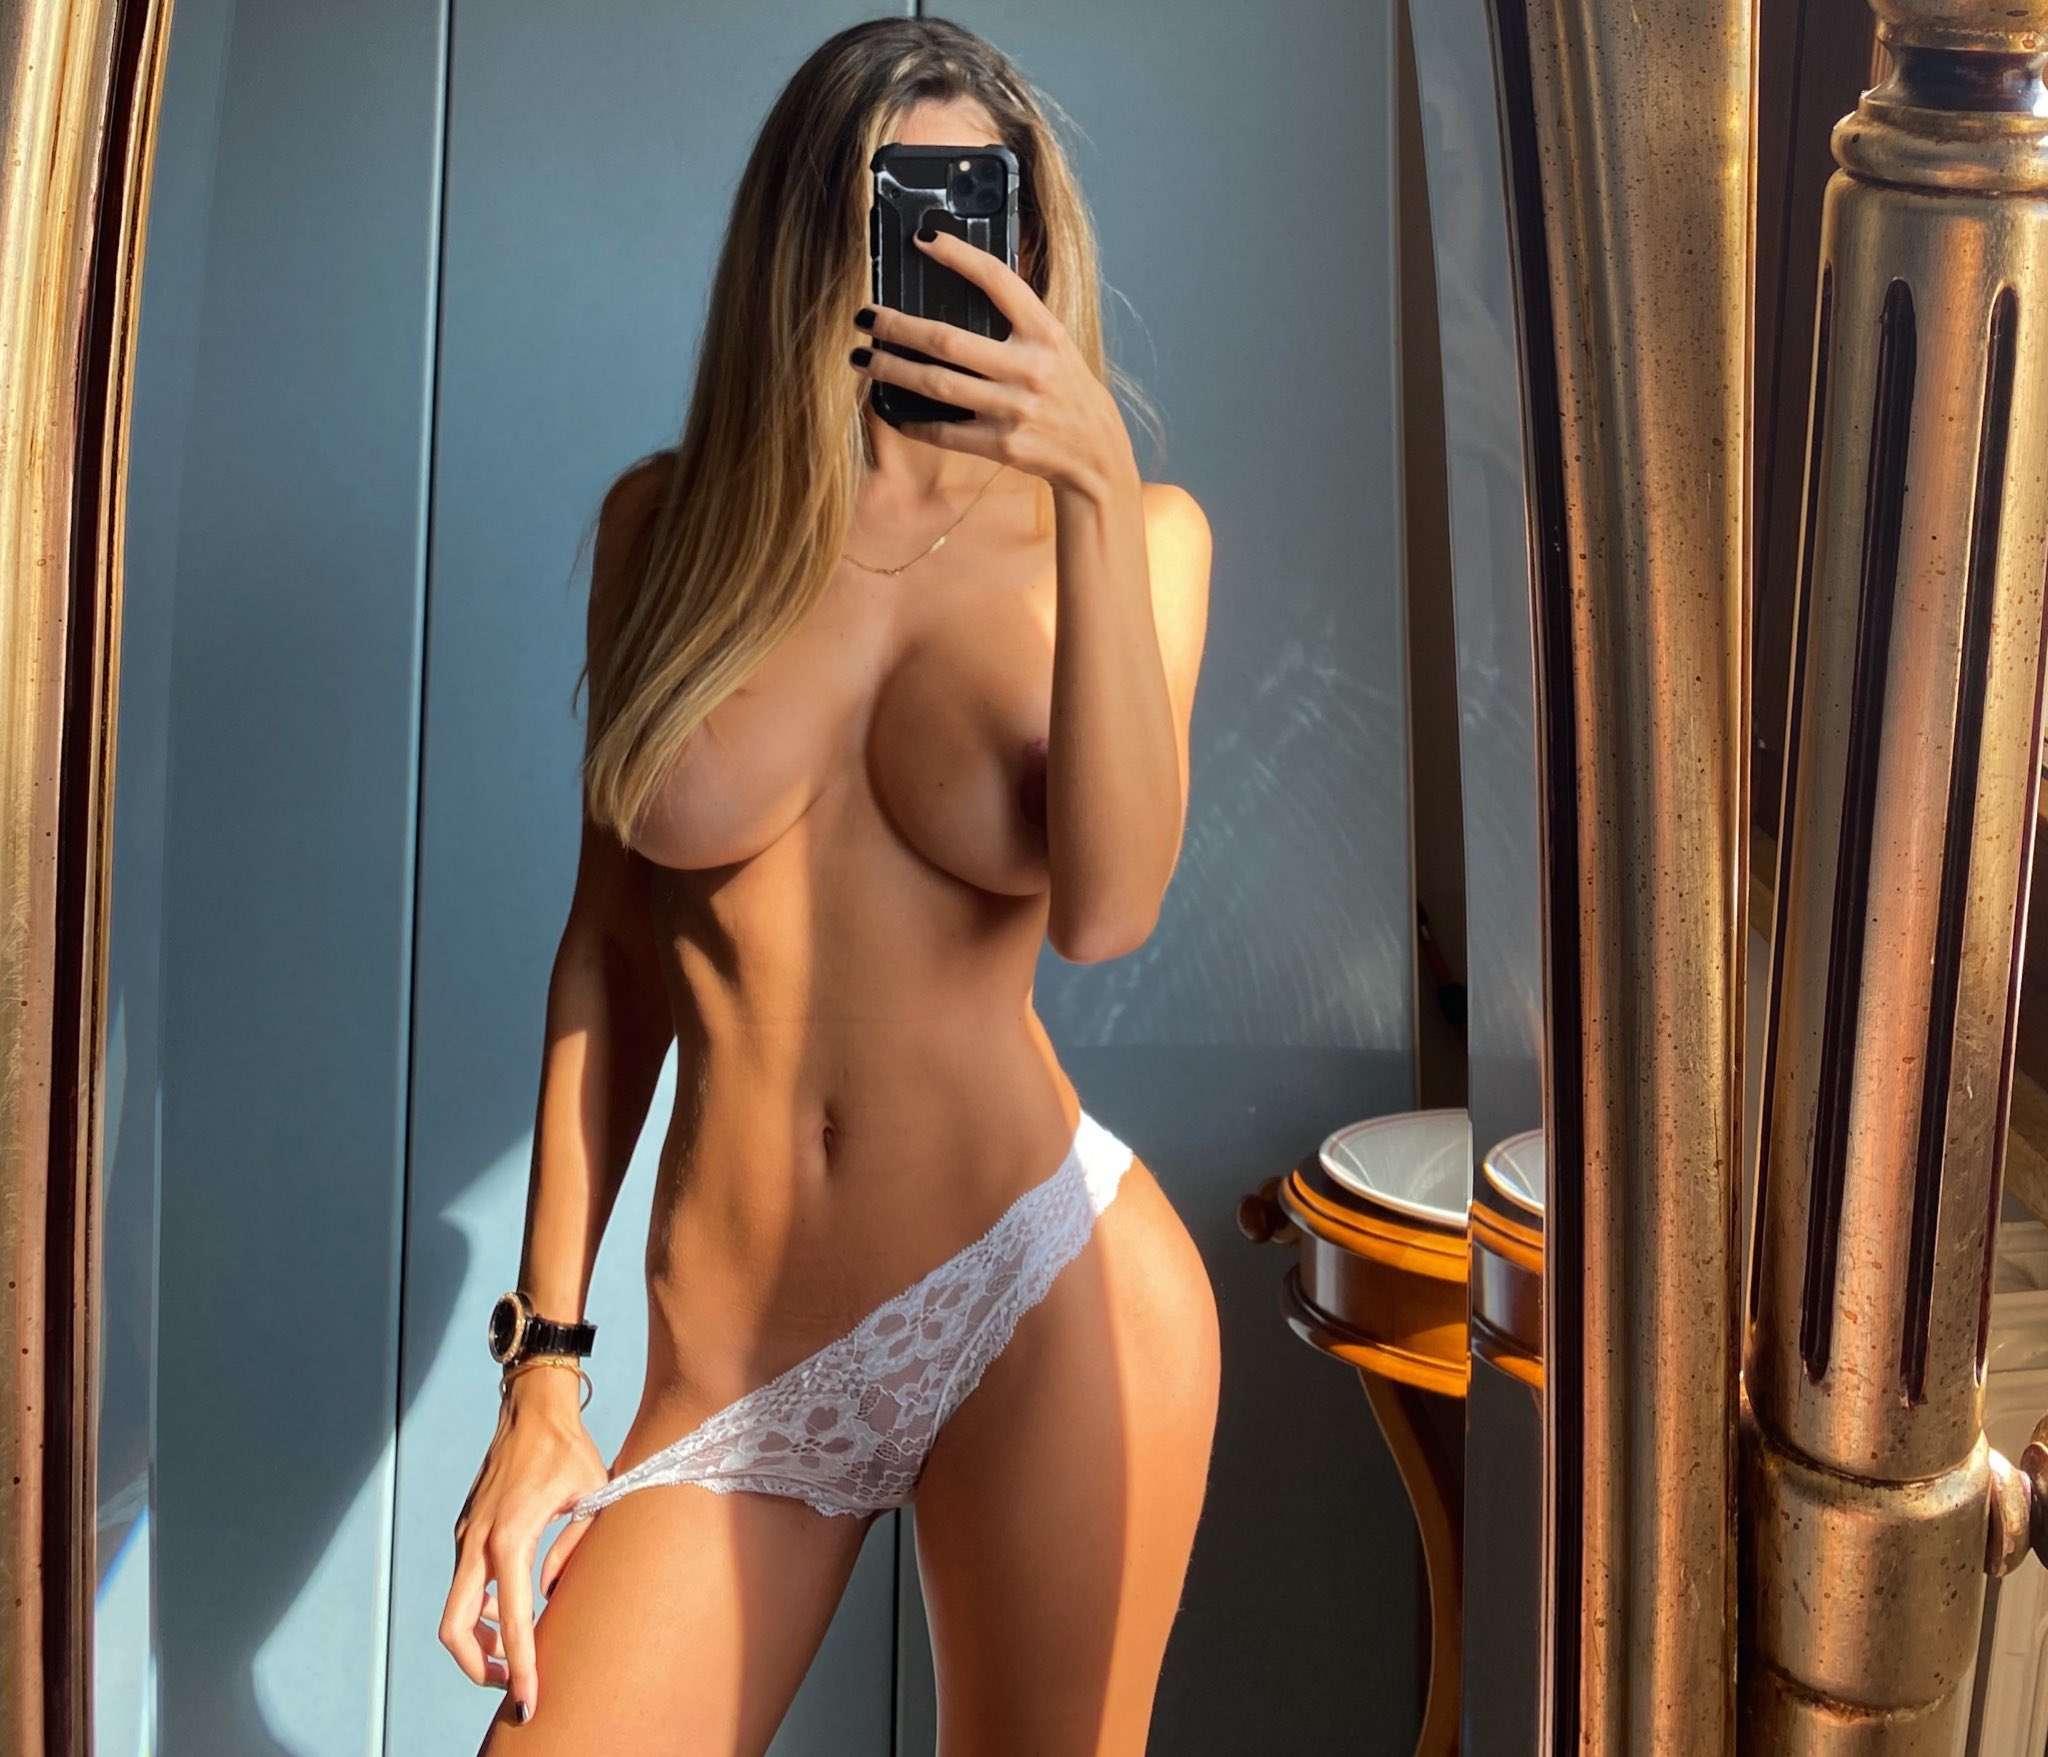 Roberta Naked